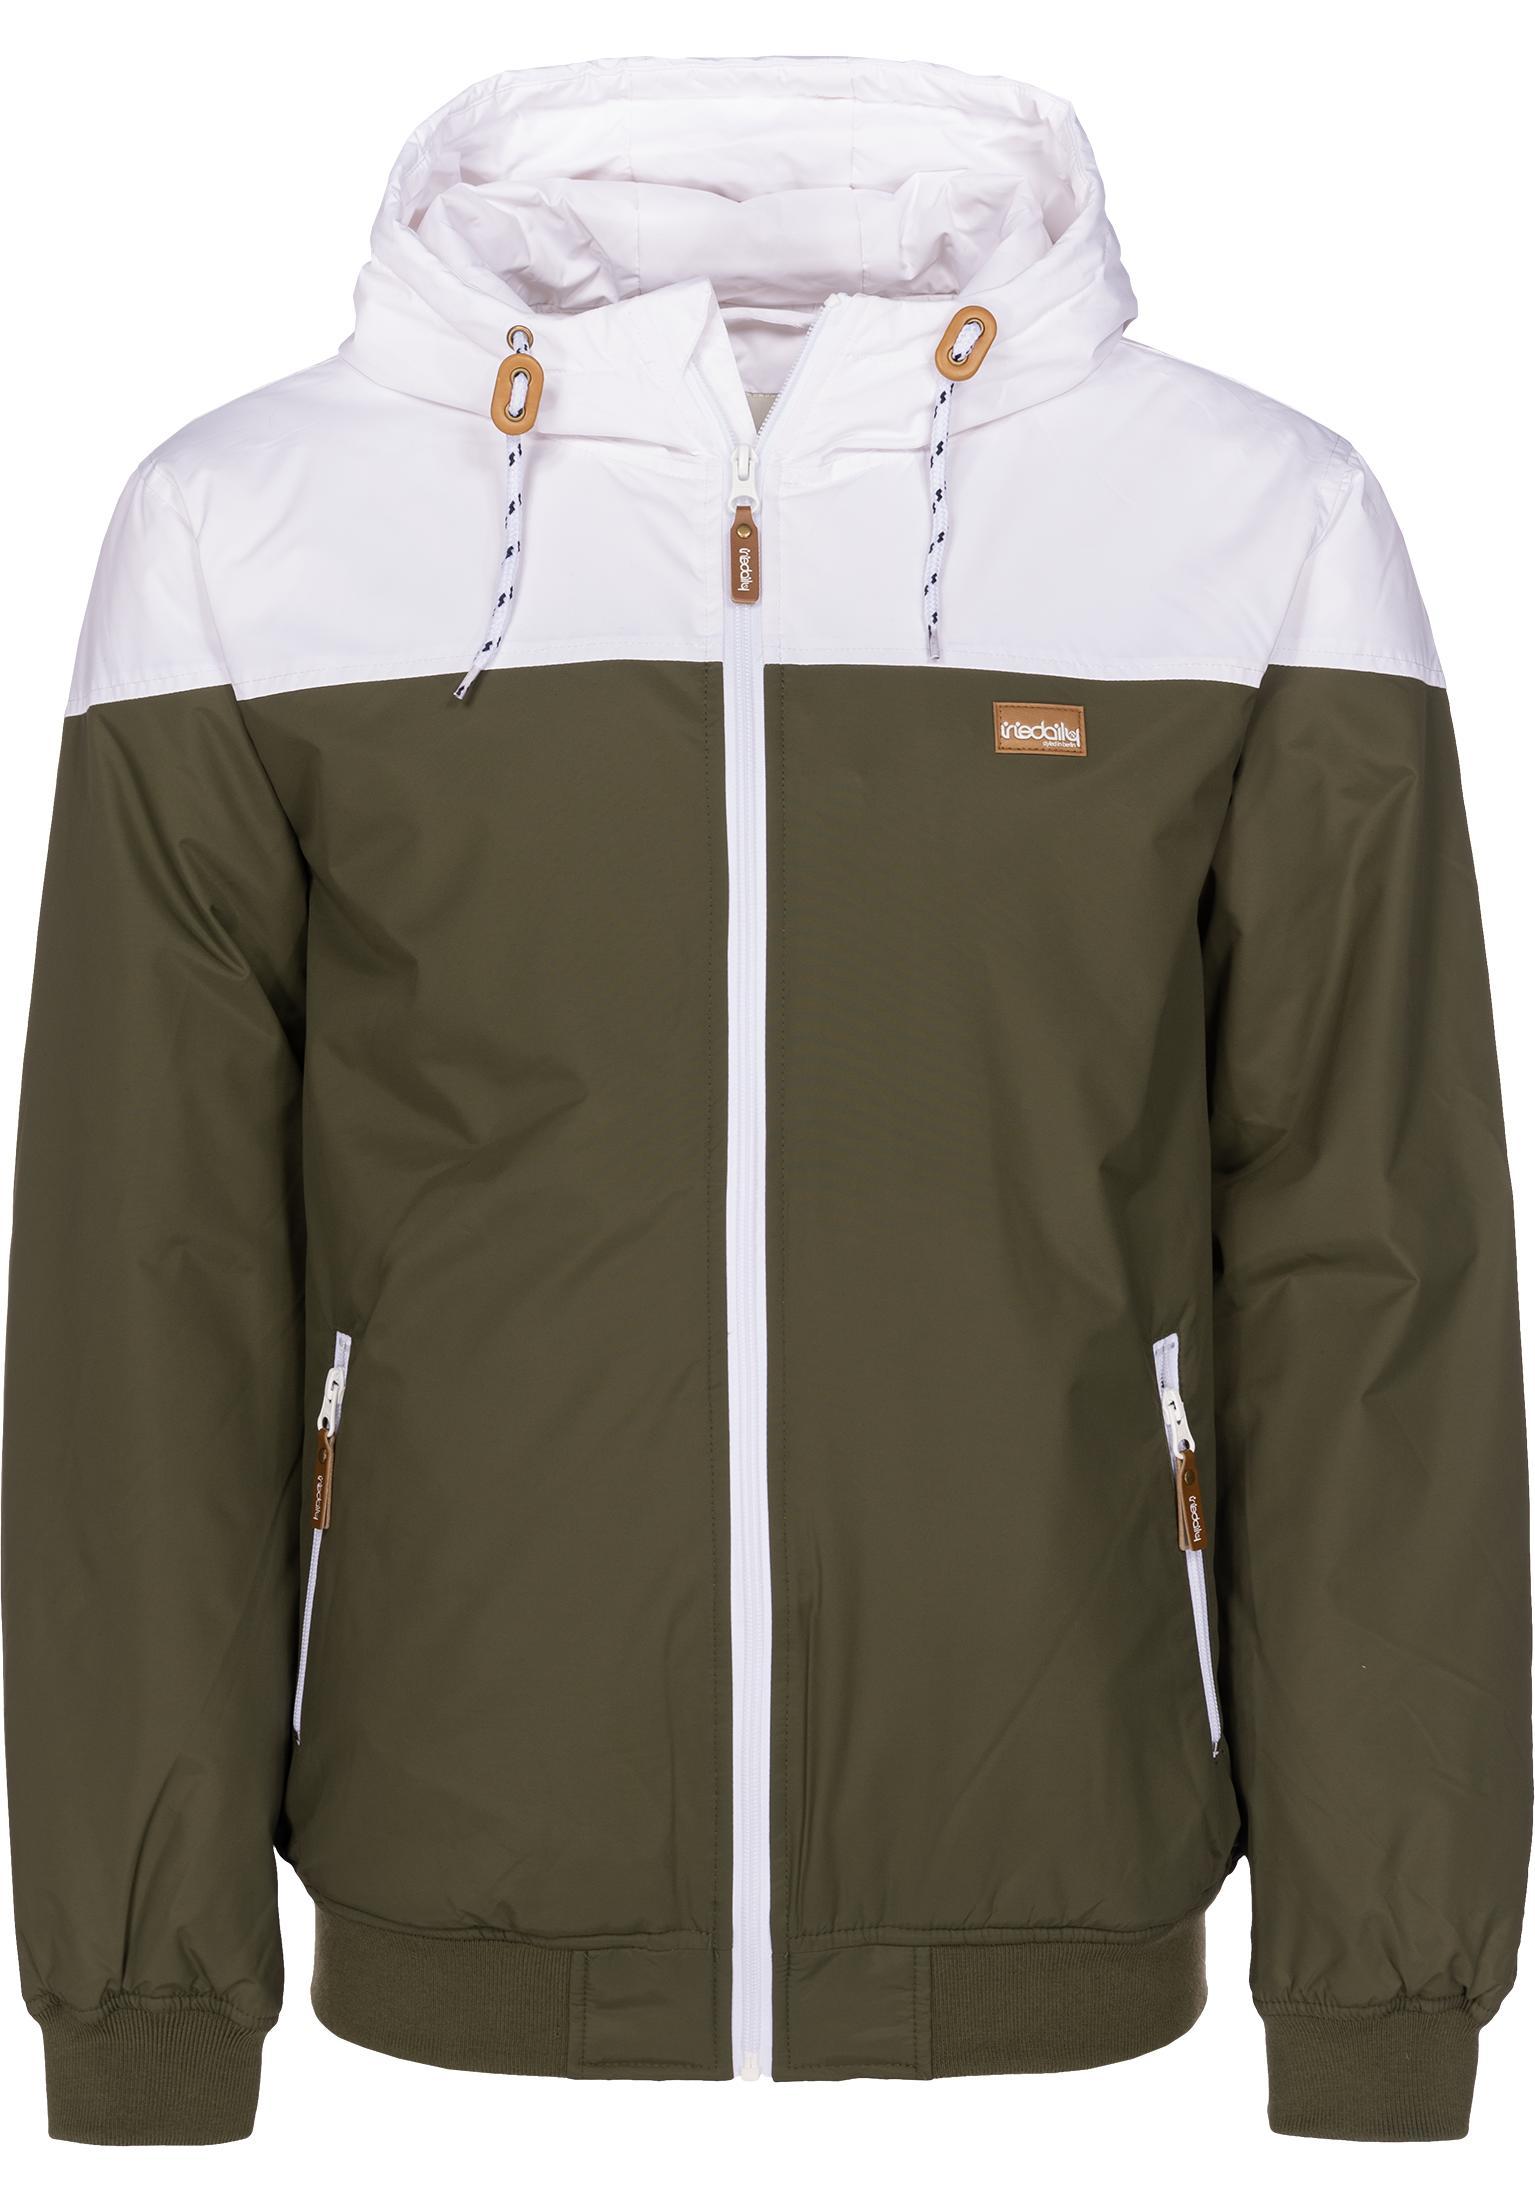 Insulaner Jacket iriedaily Winterjacken in olive-white für Herren   Titus b18dc1963b